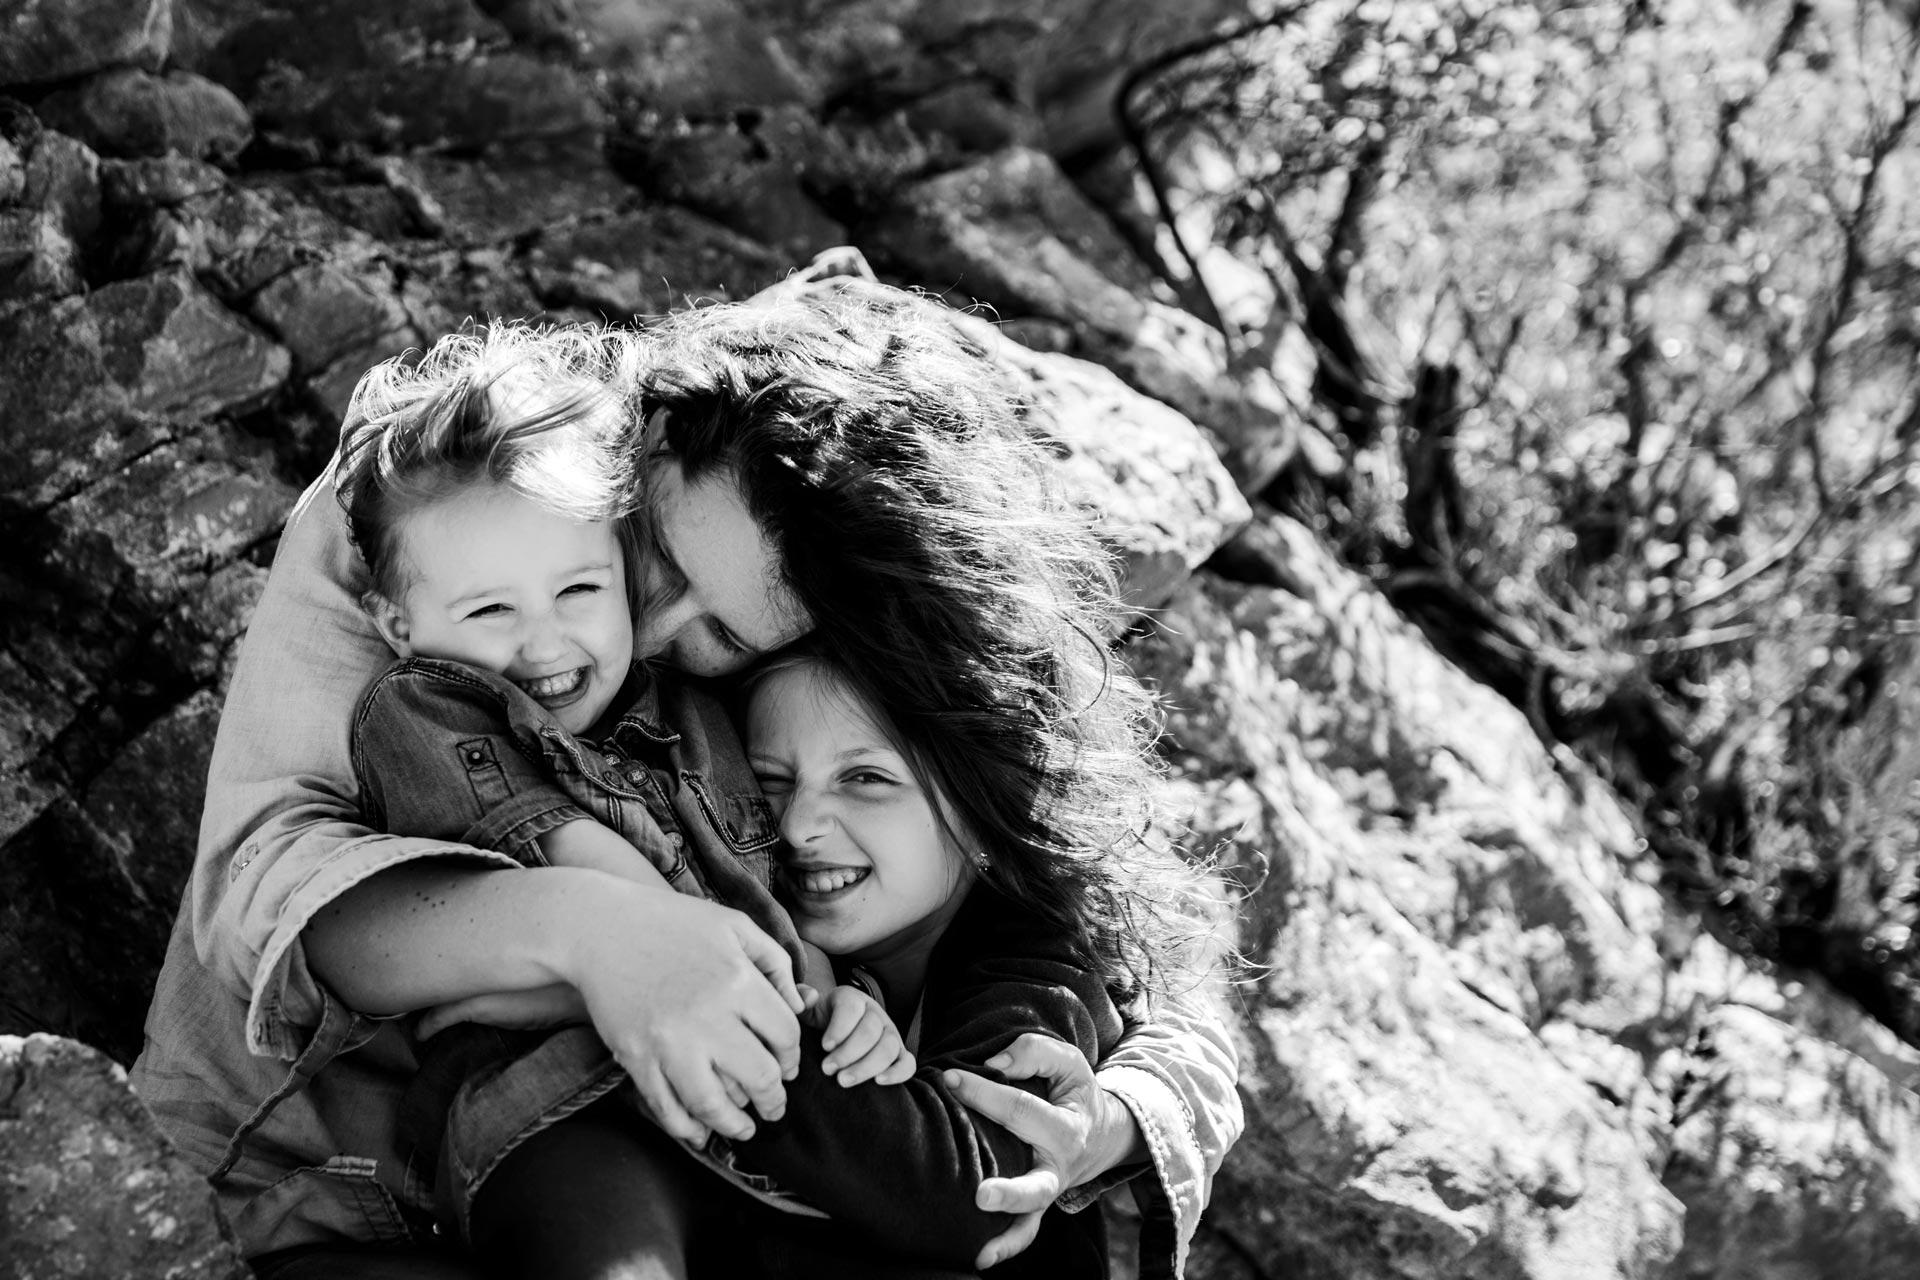 séance photo famille noir et blanc laurine walger